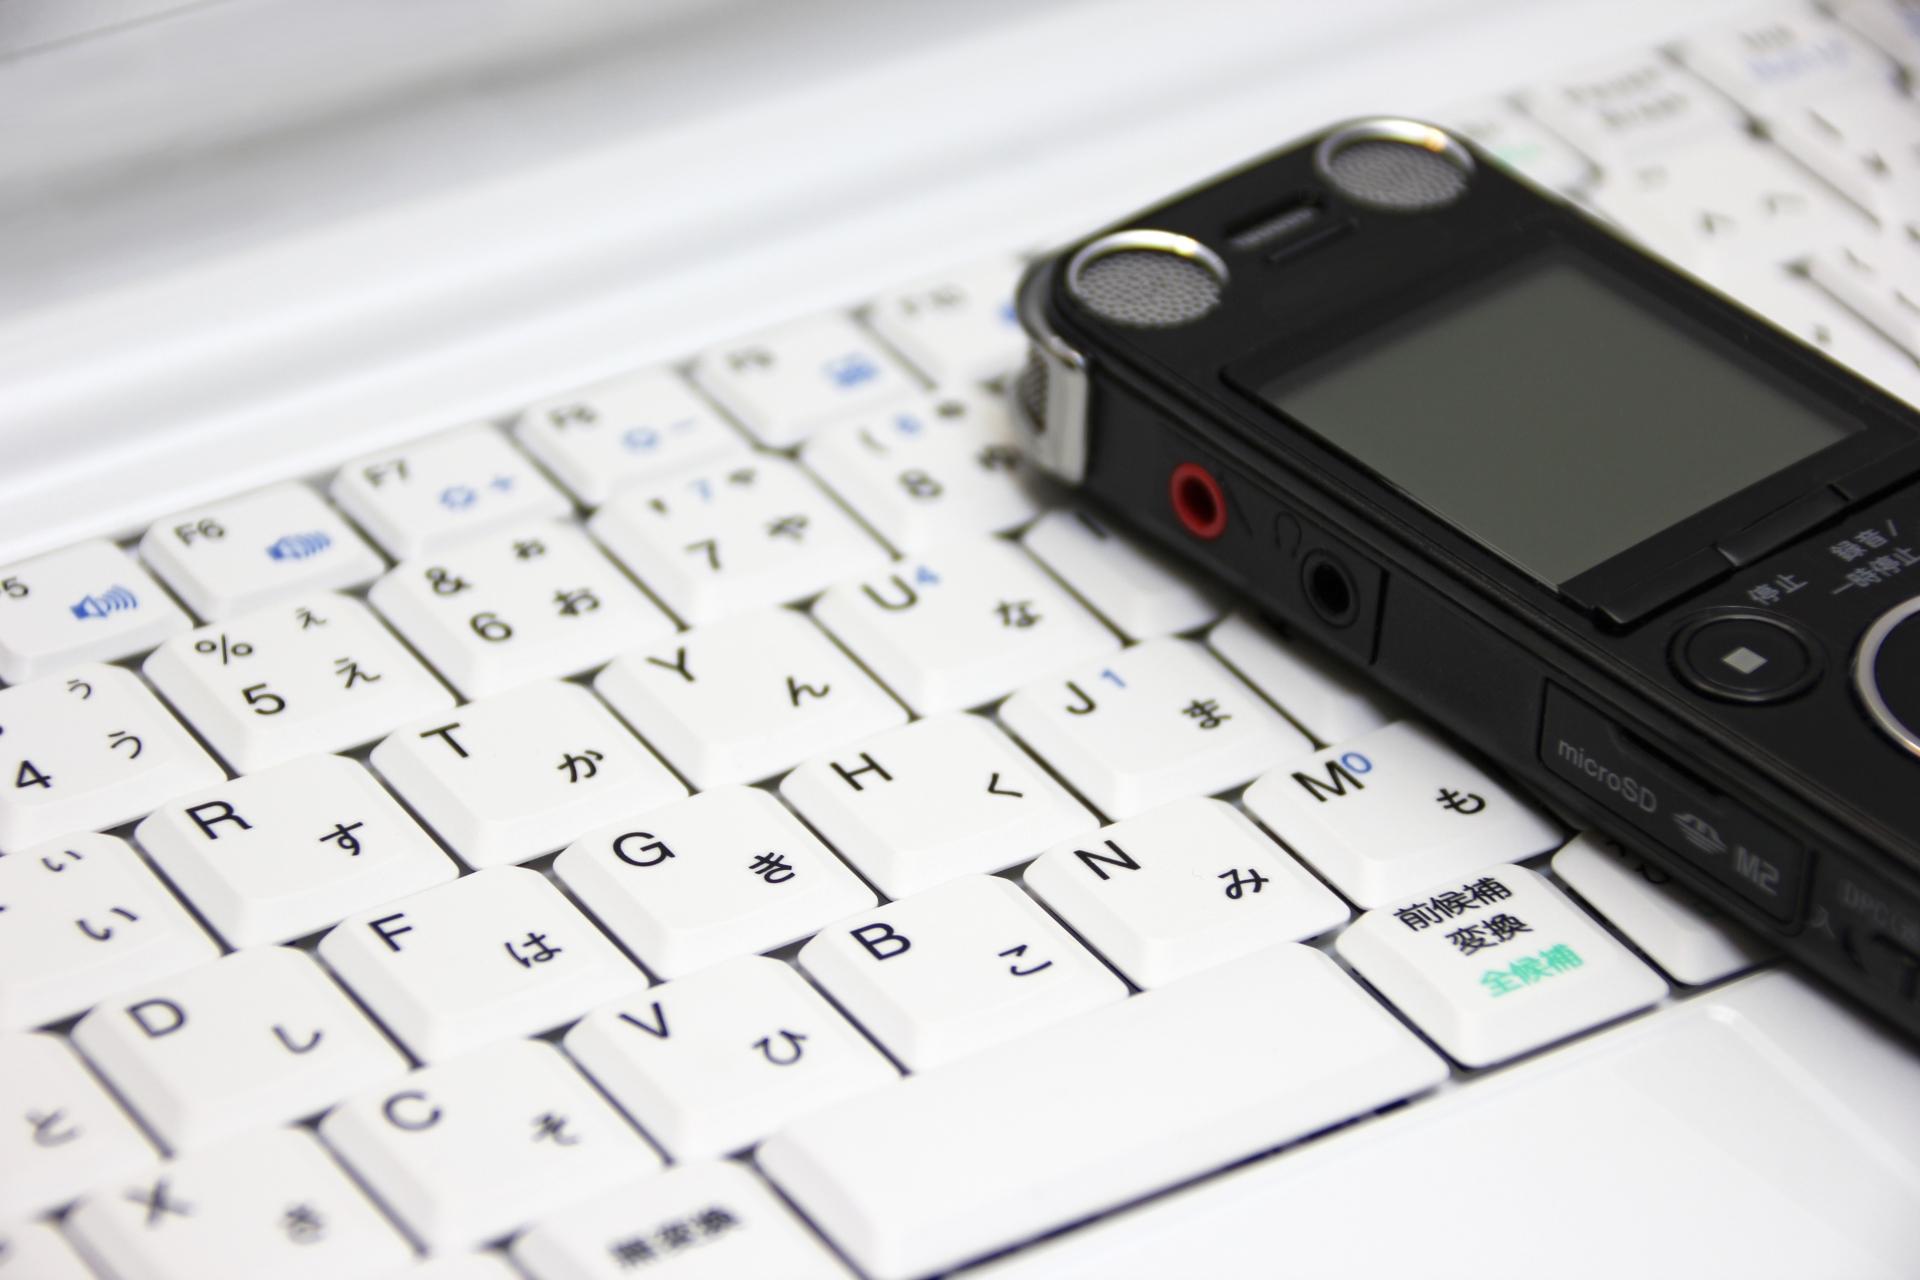 ボイスレコーダーのおすすめ15選!USB型も【2020年版】